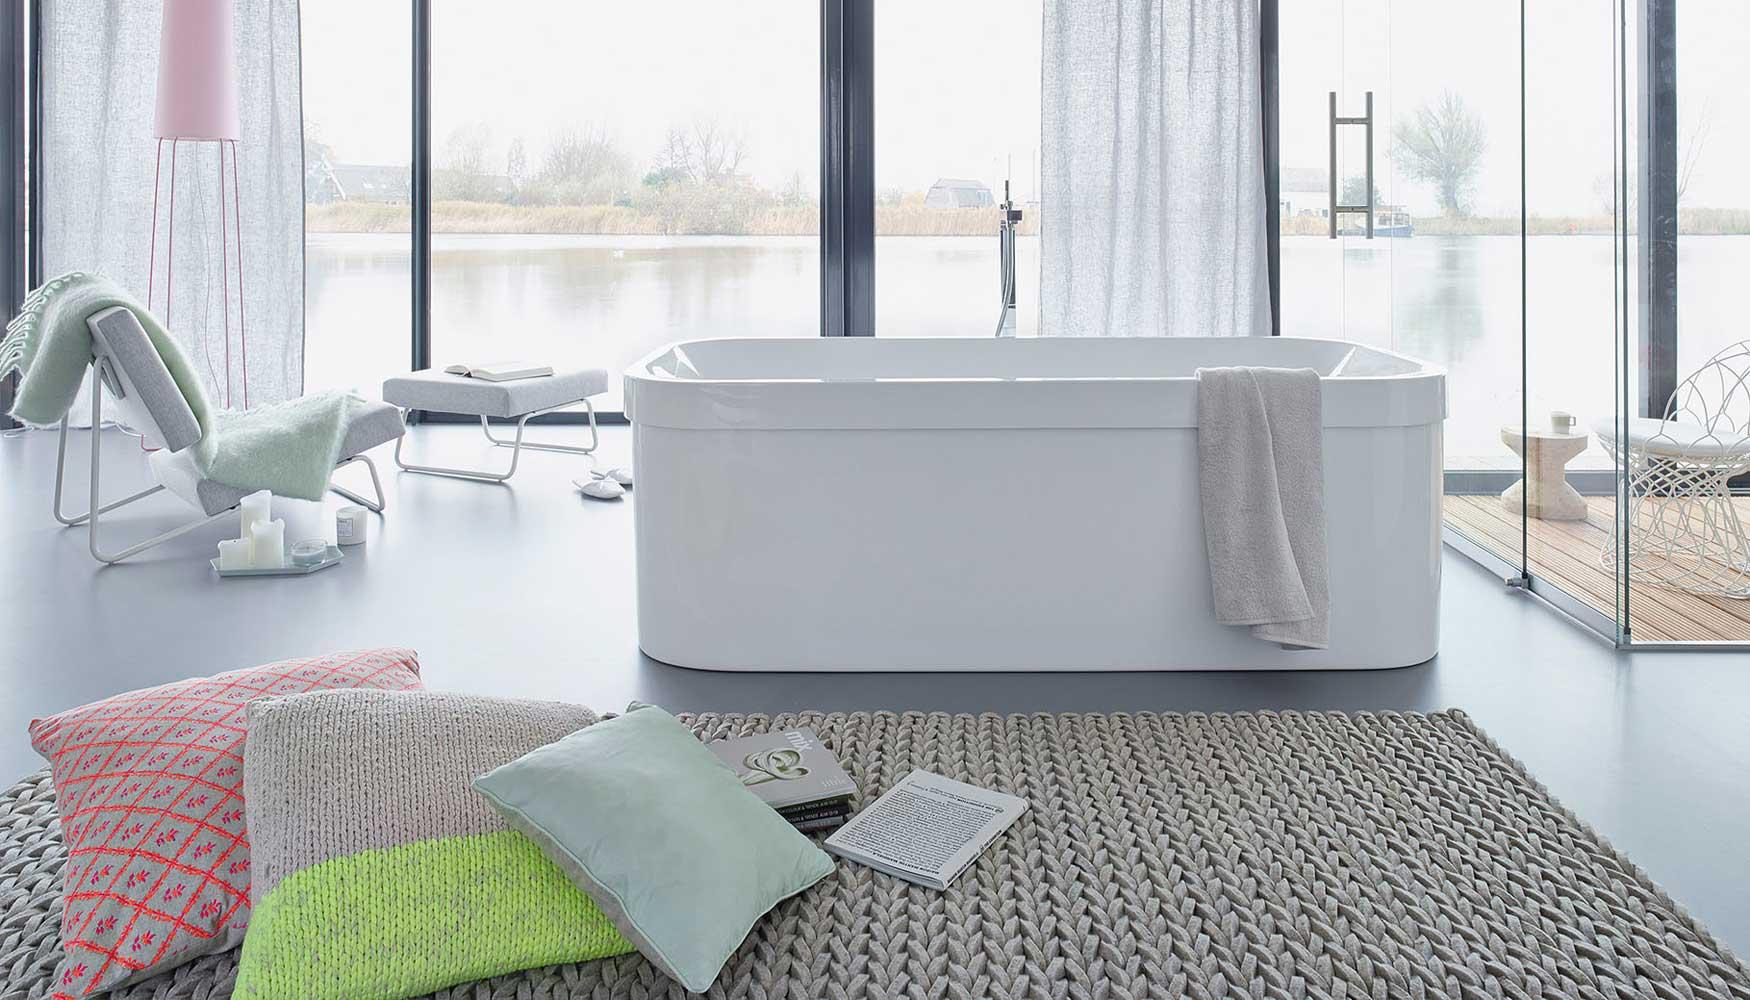 Accesorios De Baño Colocados:Las posibilidades para colocar un acento de individualidad son